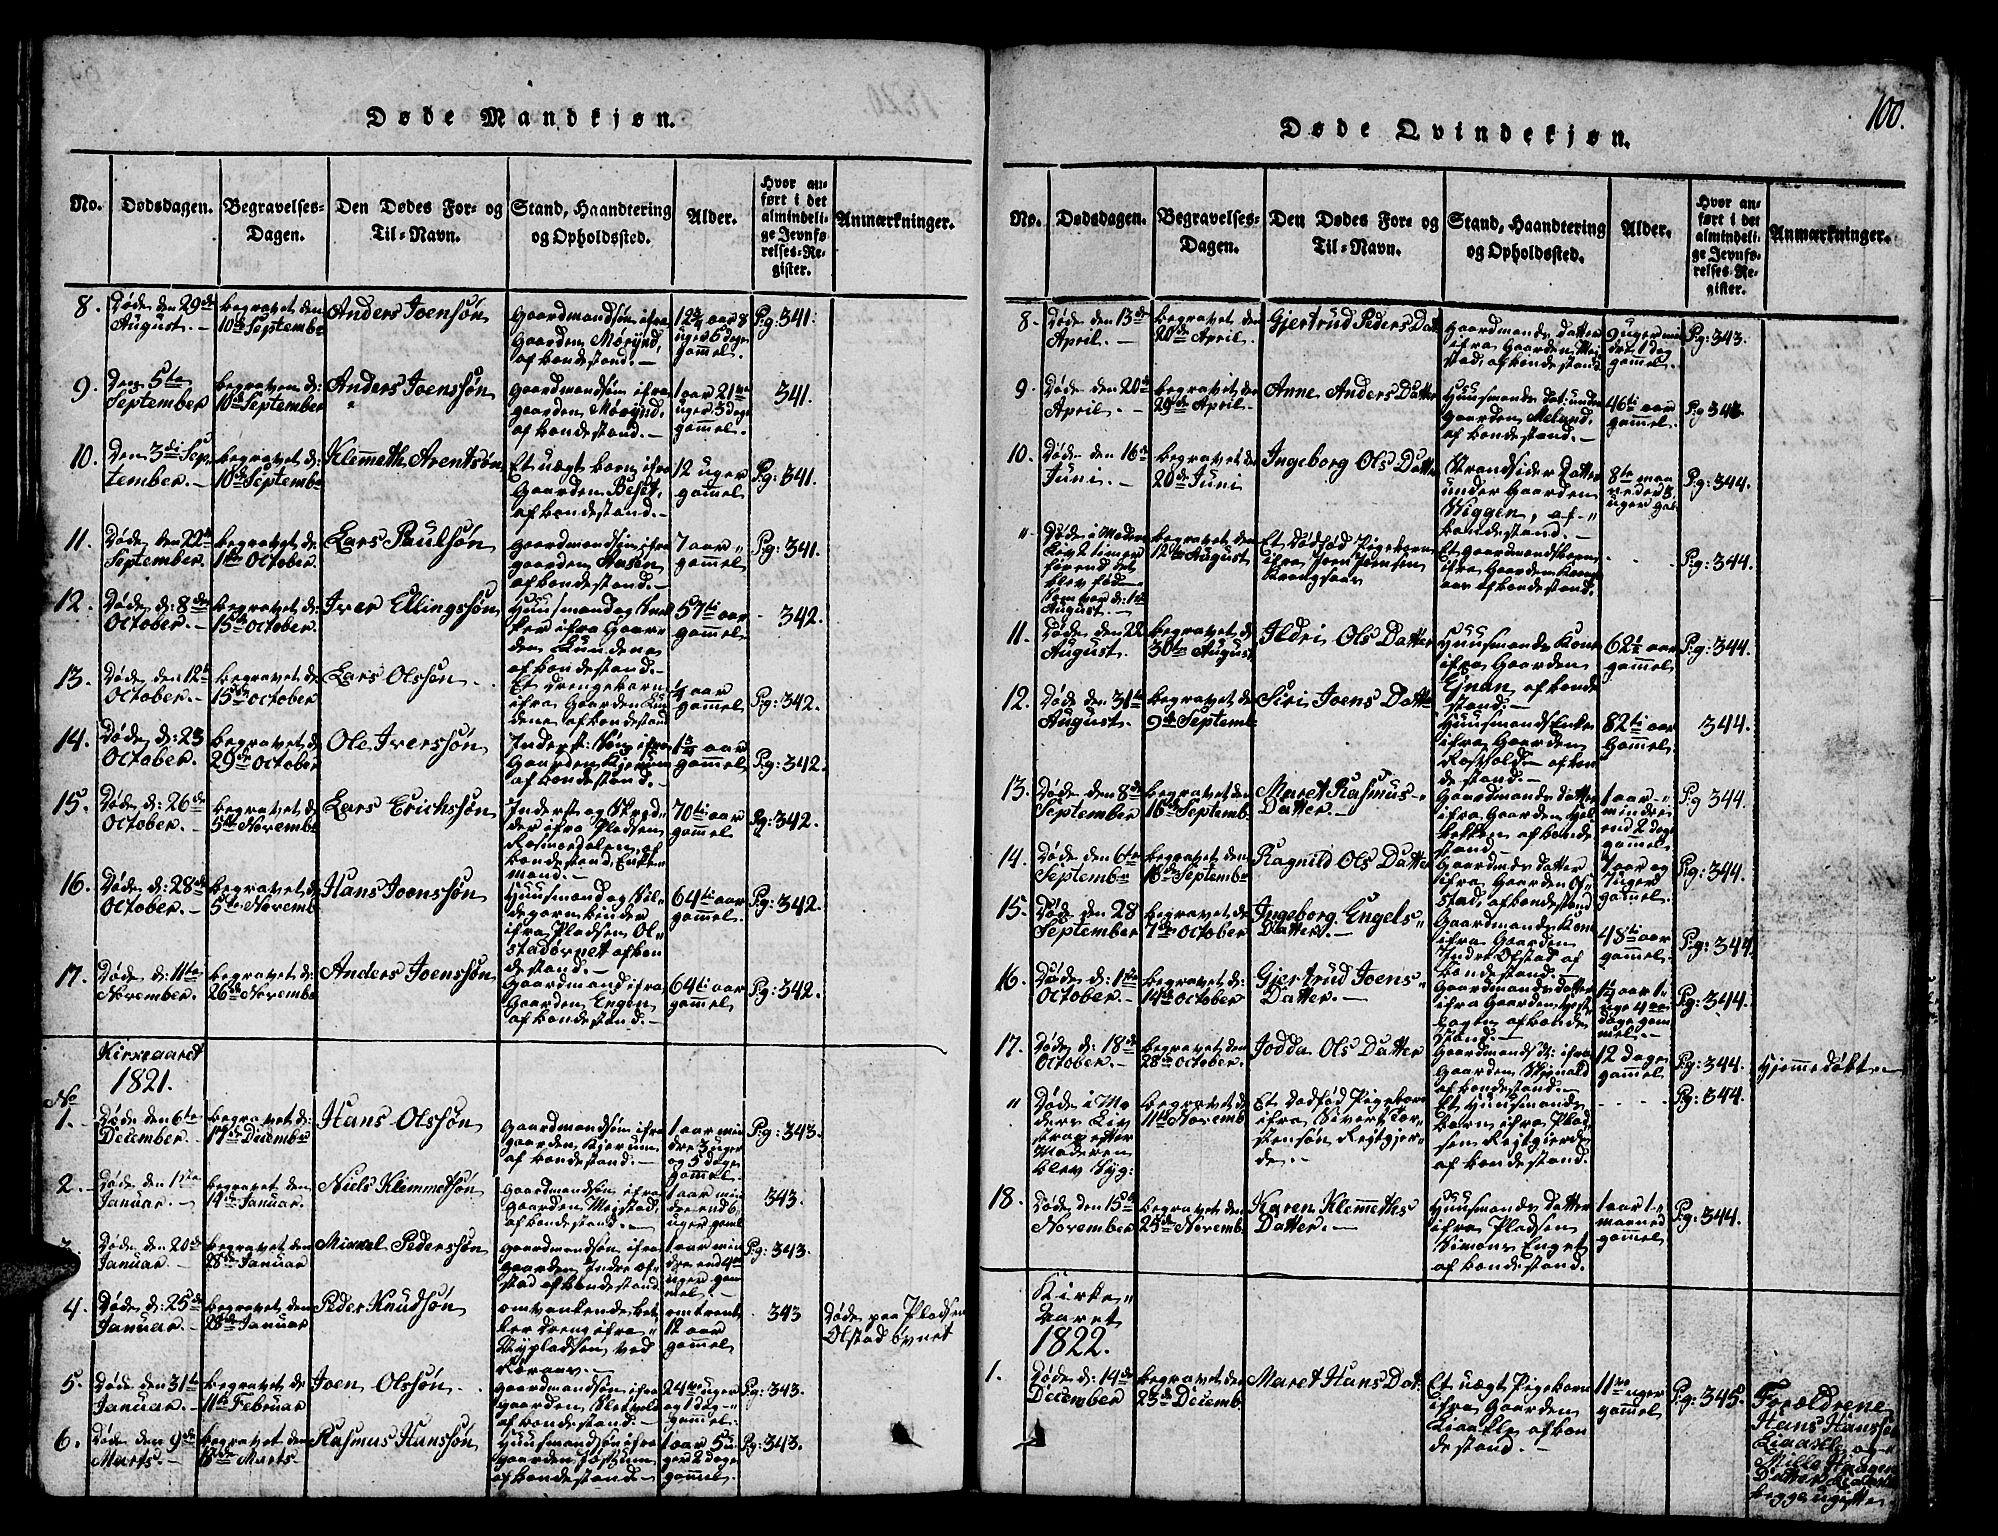 SAT, Ministerialprotokoller, klokkerbøker og fødselsregistre - Sør-Trøndelag, 665/L0776: Klokkerbok nr. 665C01, 1817-1837, s. 100